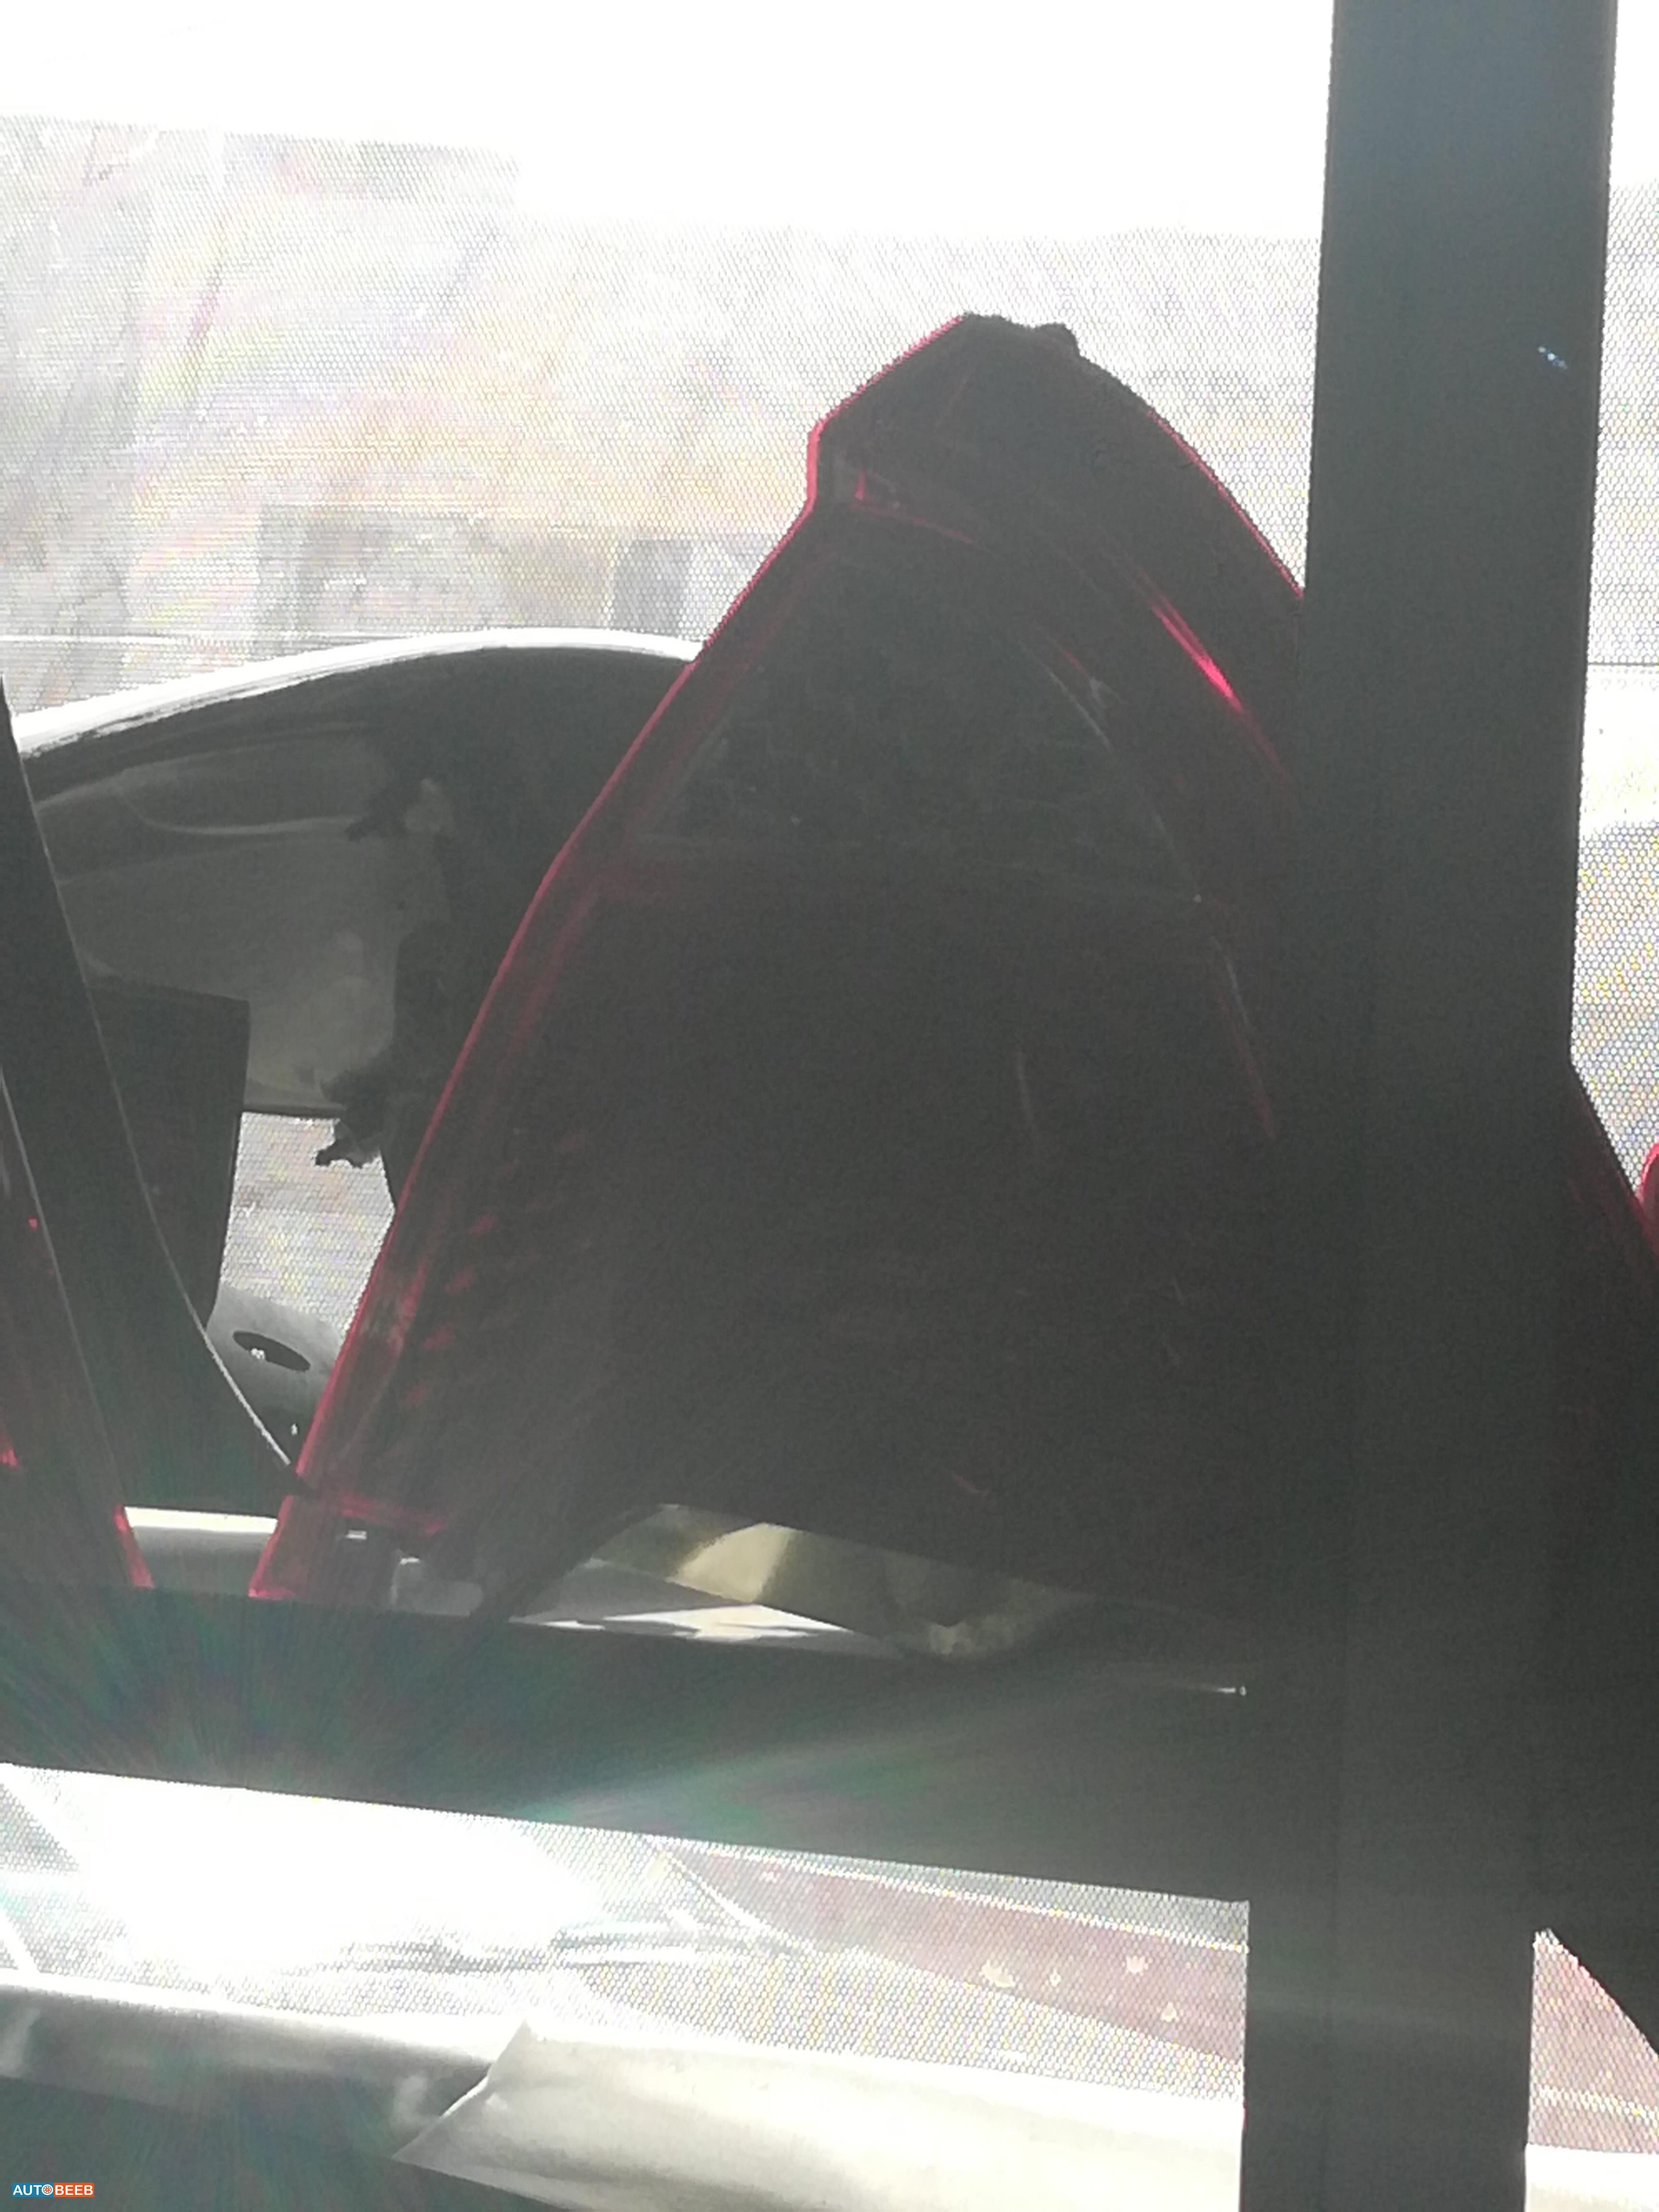 ضو خلفي يمين فورد فيوجن 2010